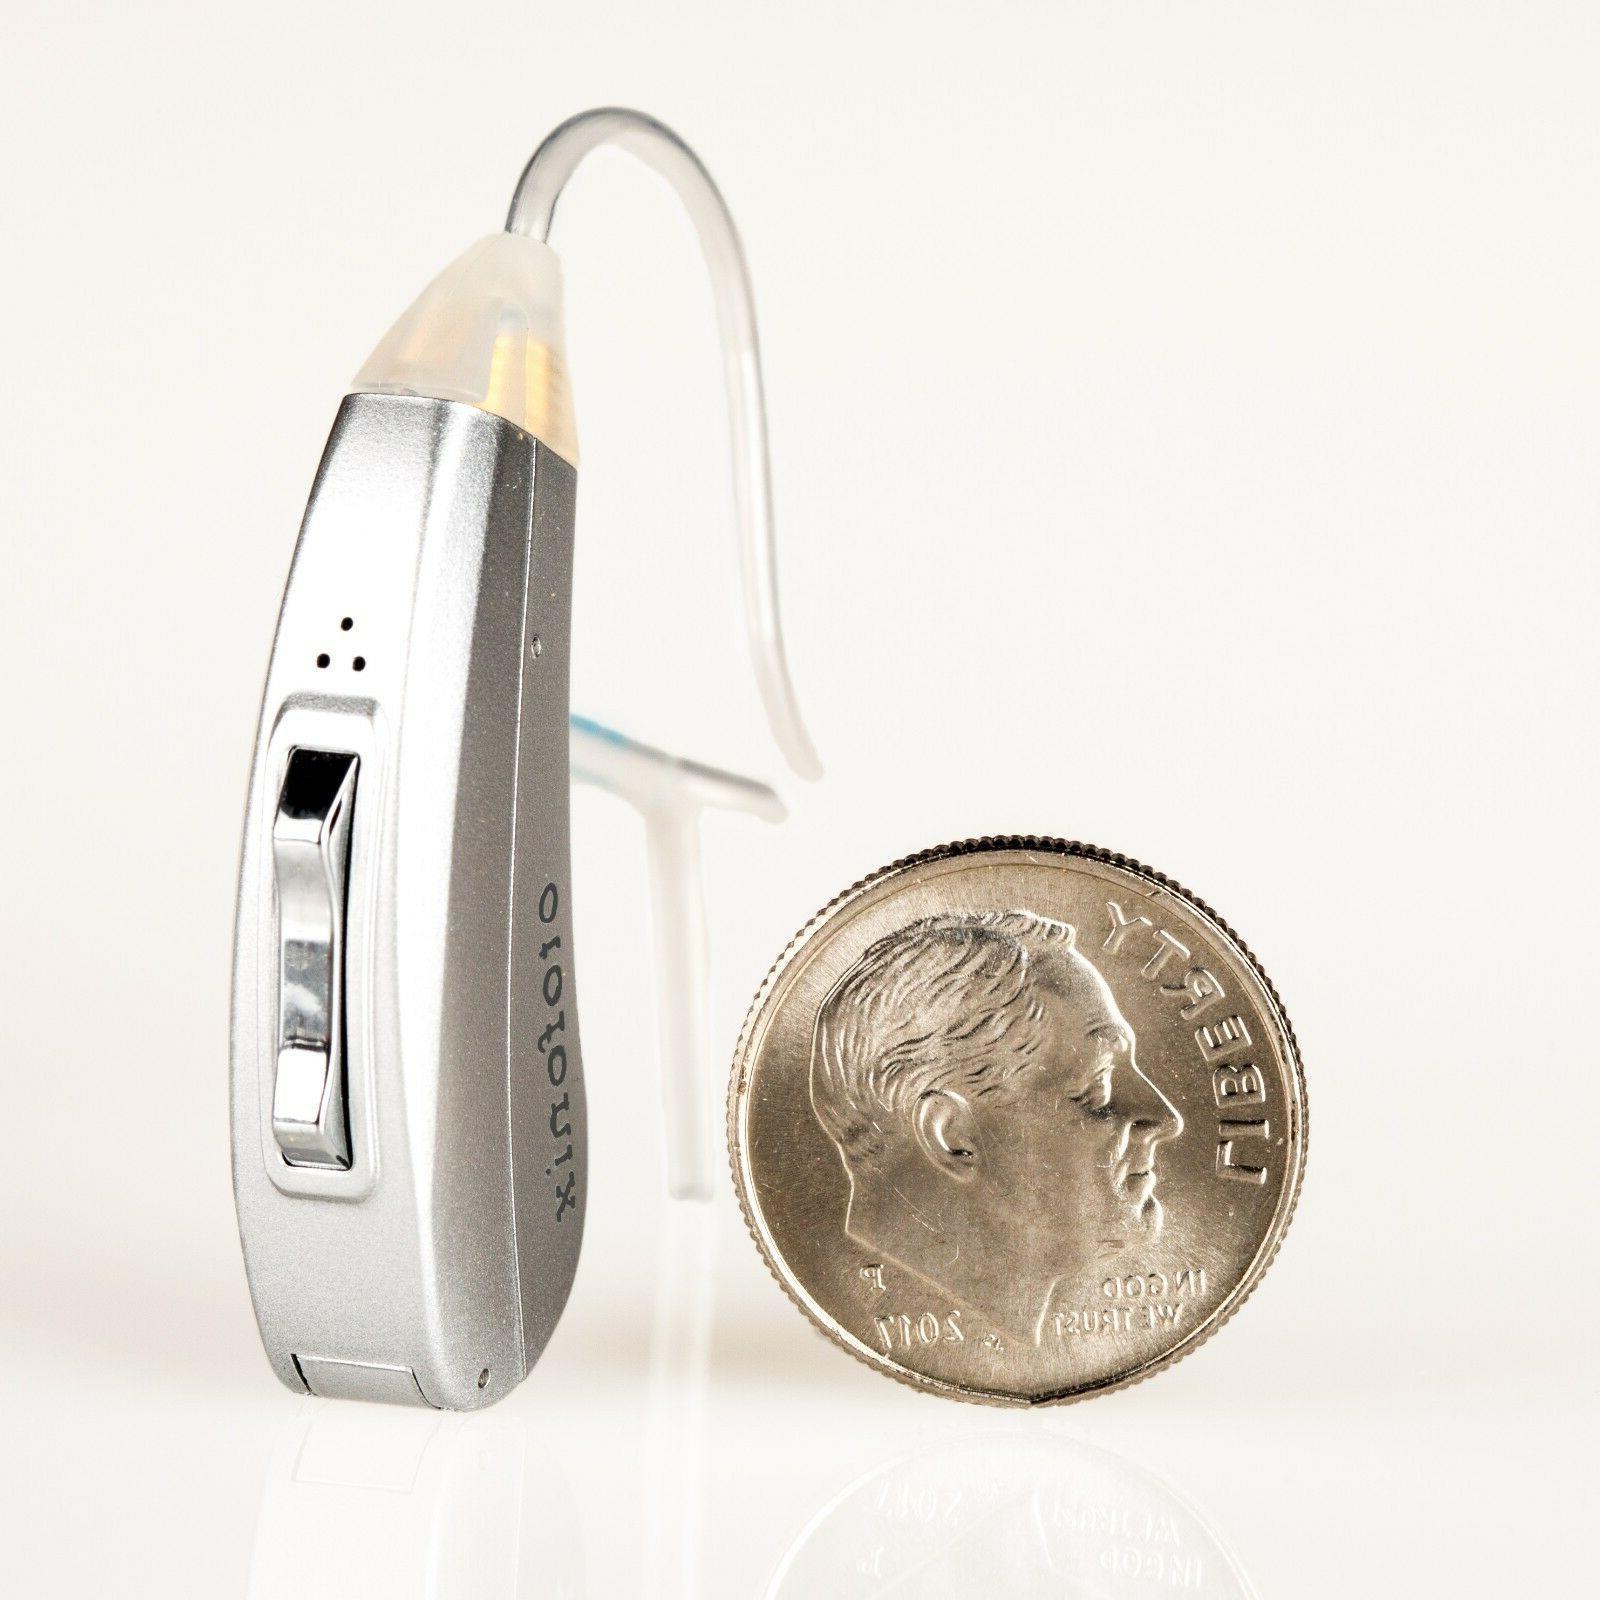 Otofonix Hearing Hearing